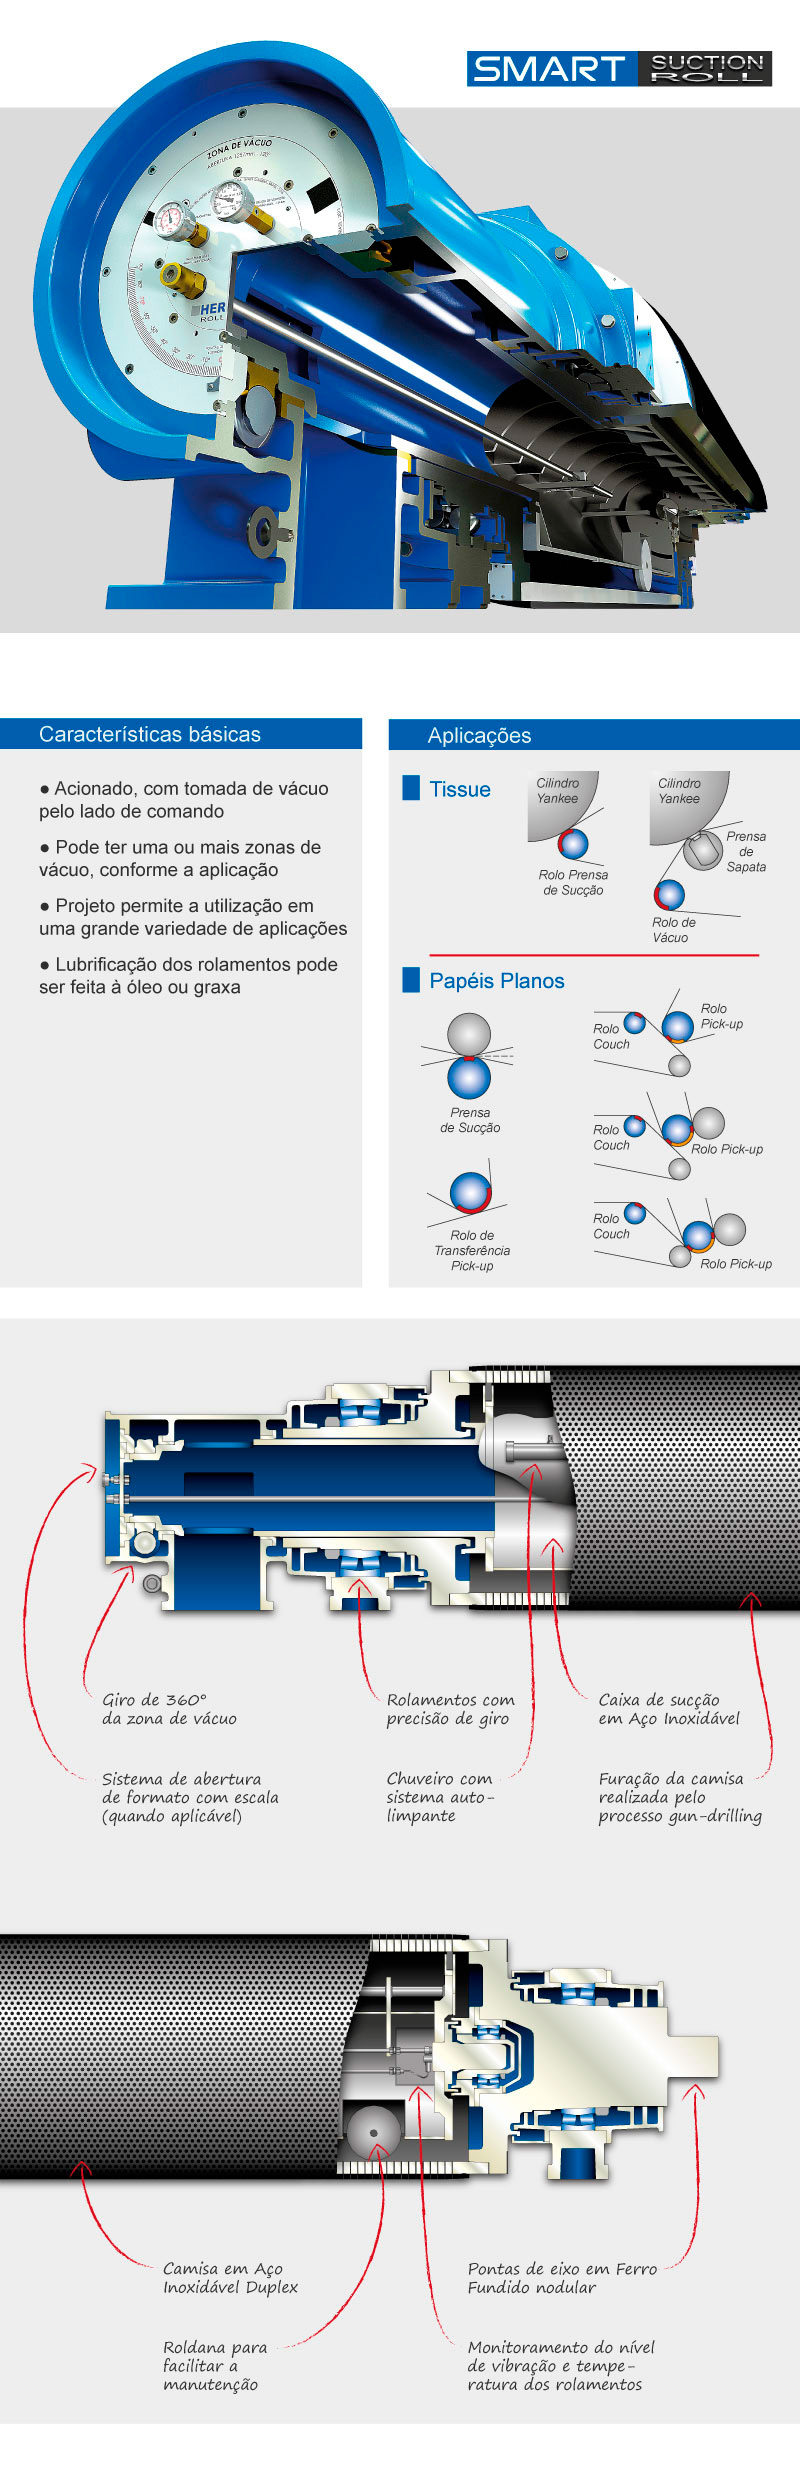 produtos-rolos-rolos-succao-detalhe-1b